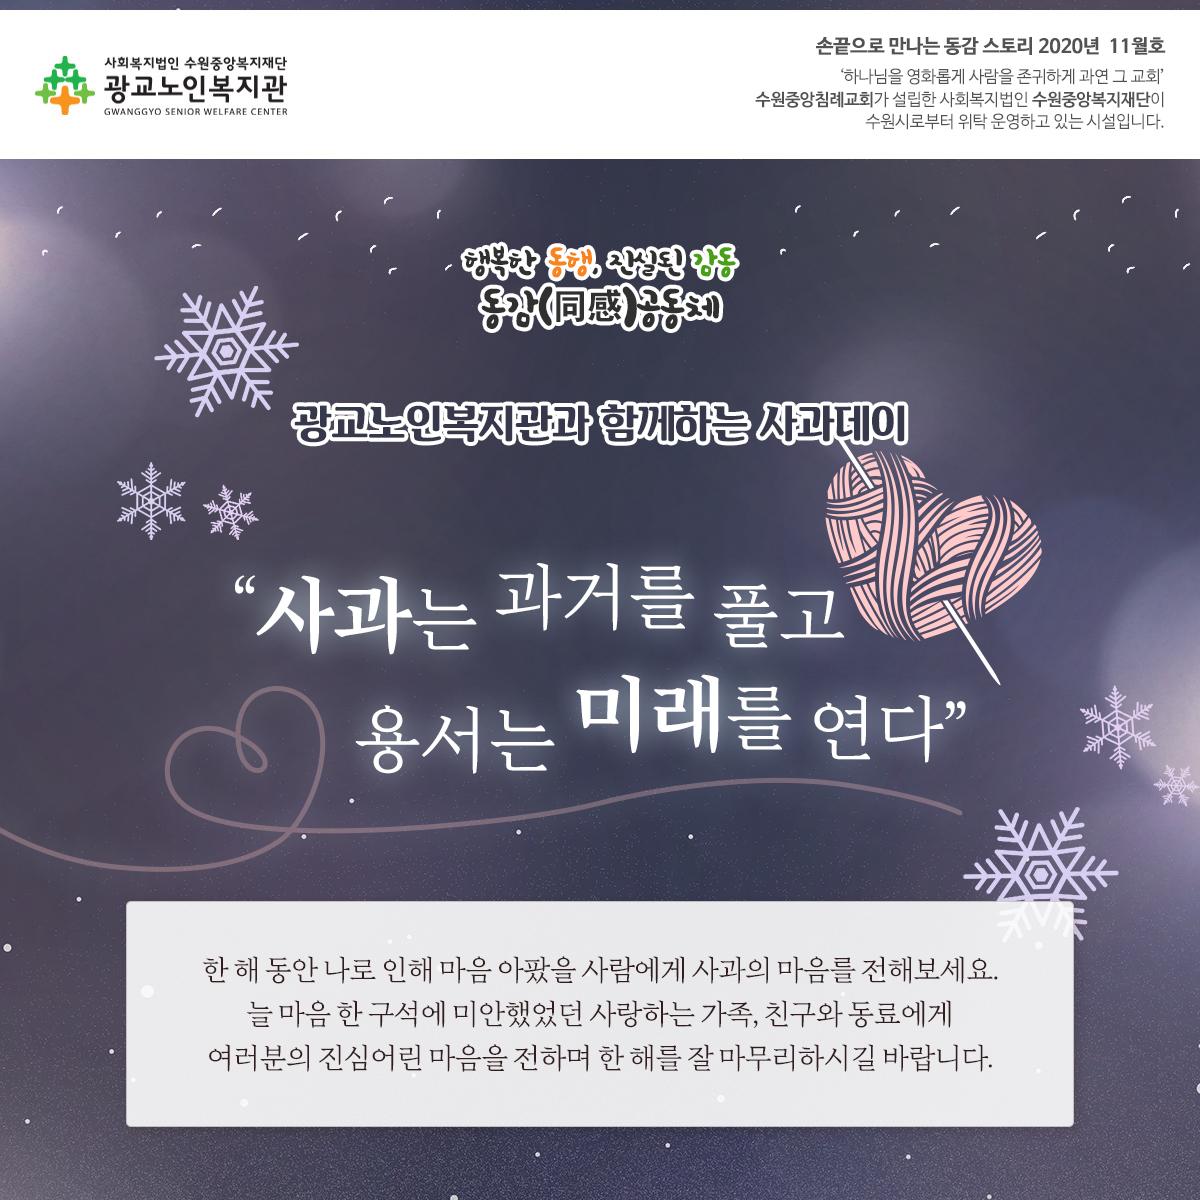 광교노인복지관 뉴스레터